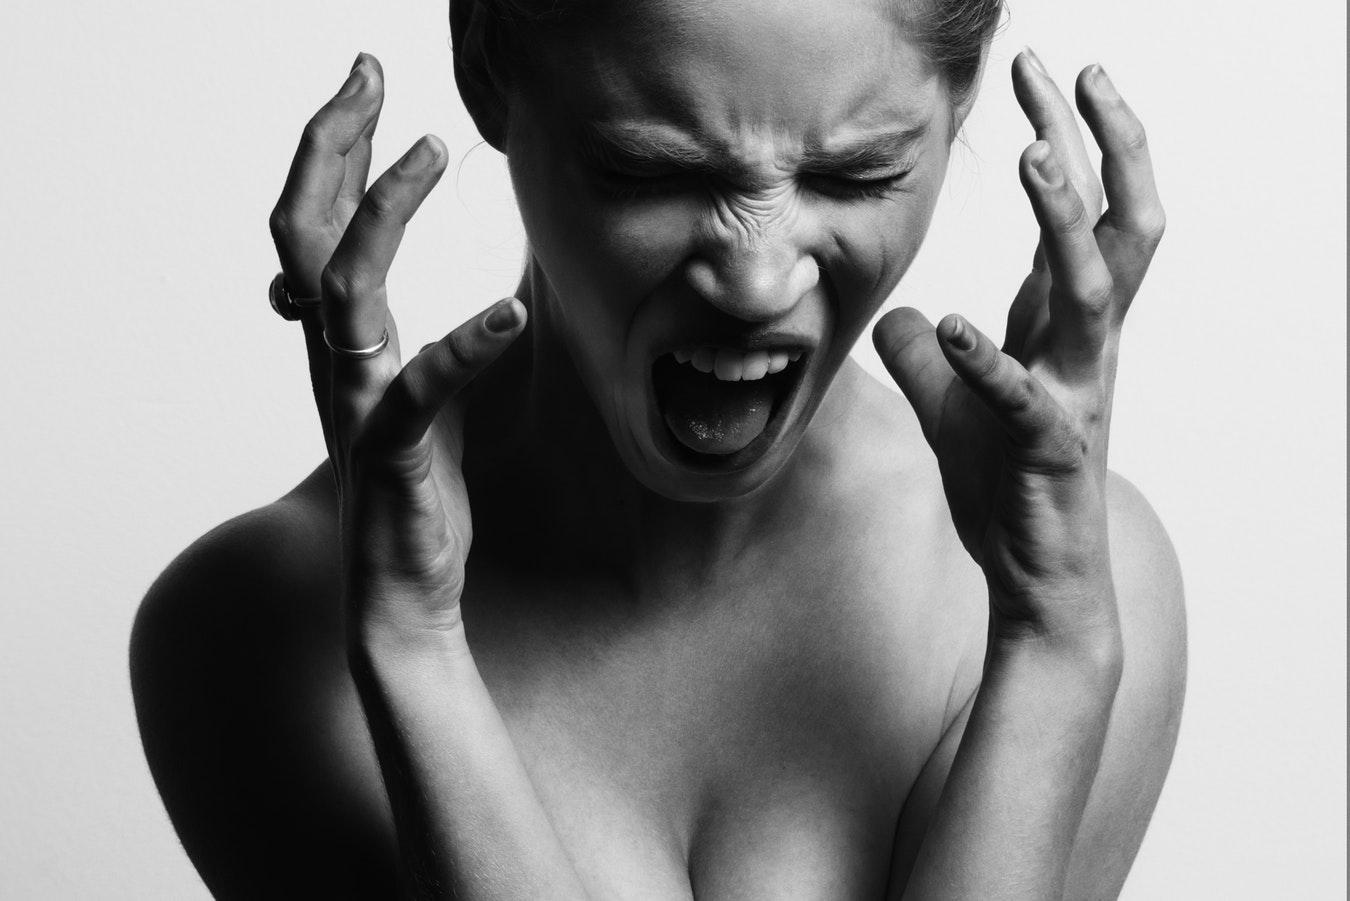 Как научиться контролировать свой гнев-320x180